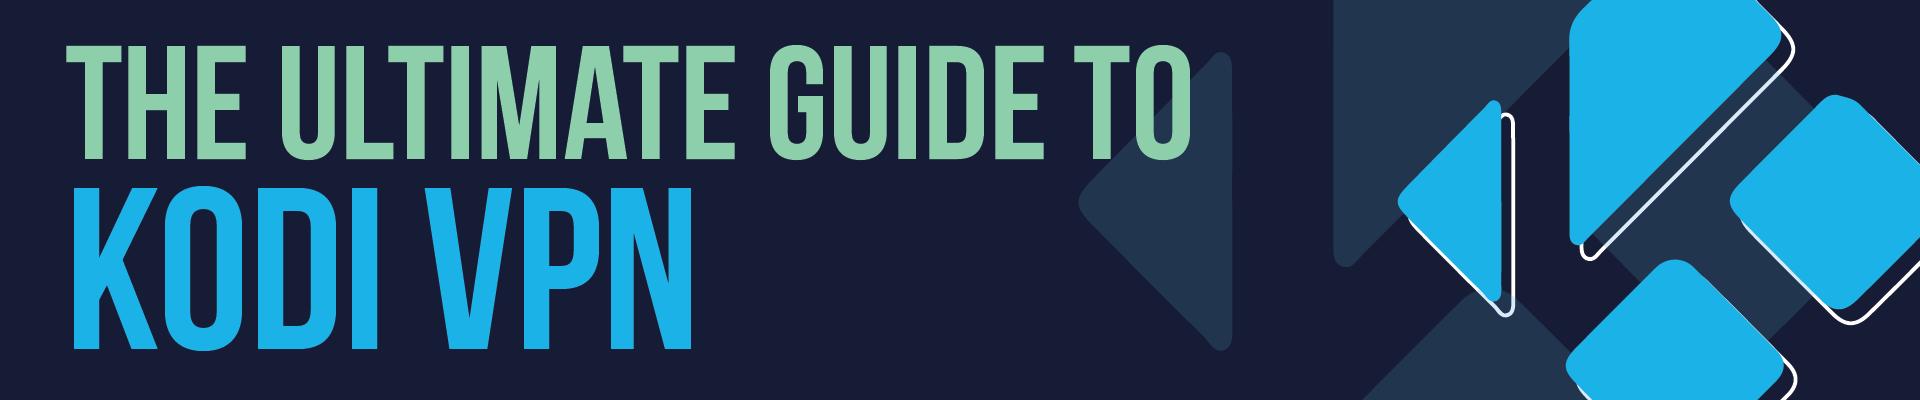 90719a600e5 The Ultimate Guide to Kodi VPN